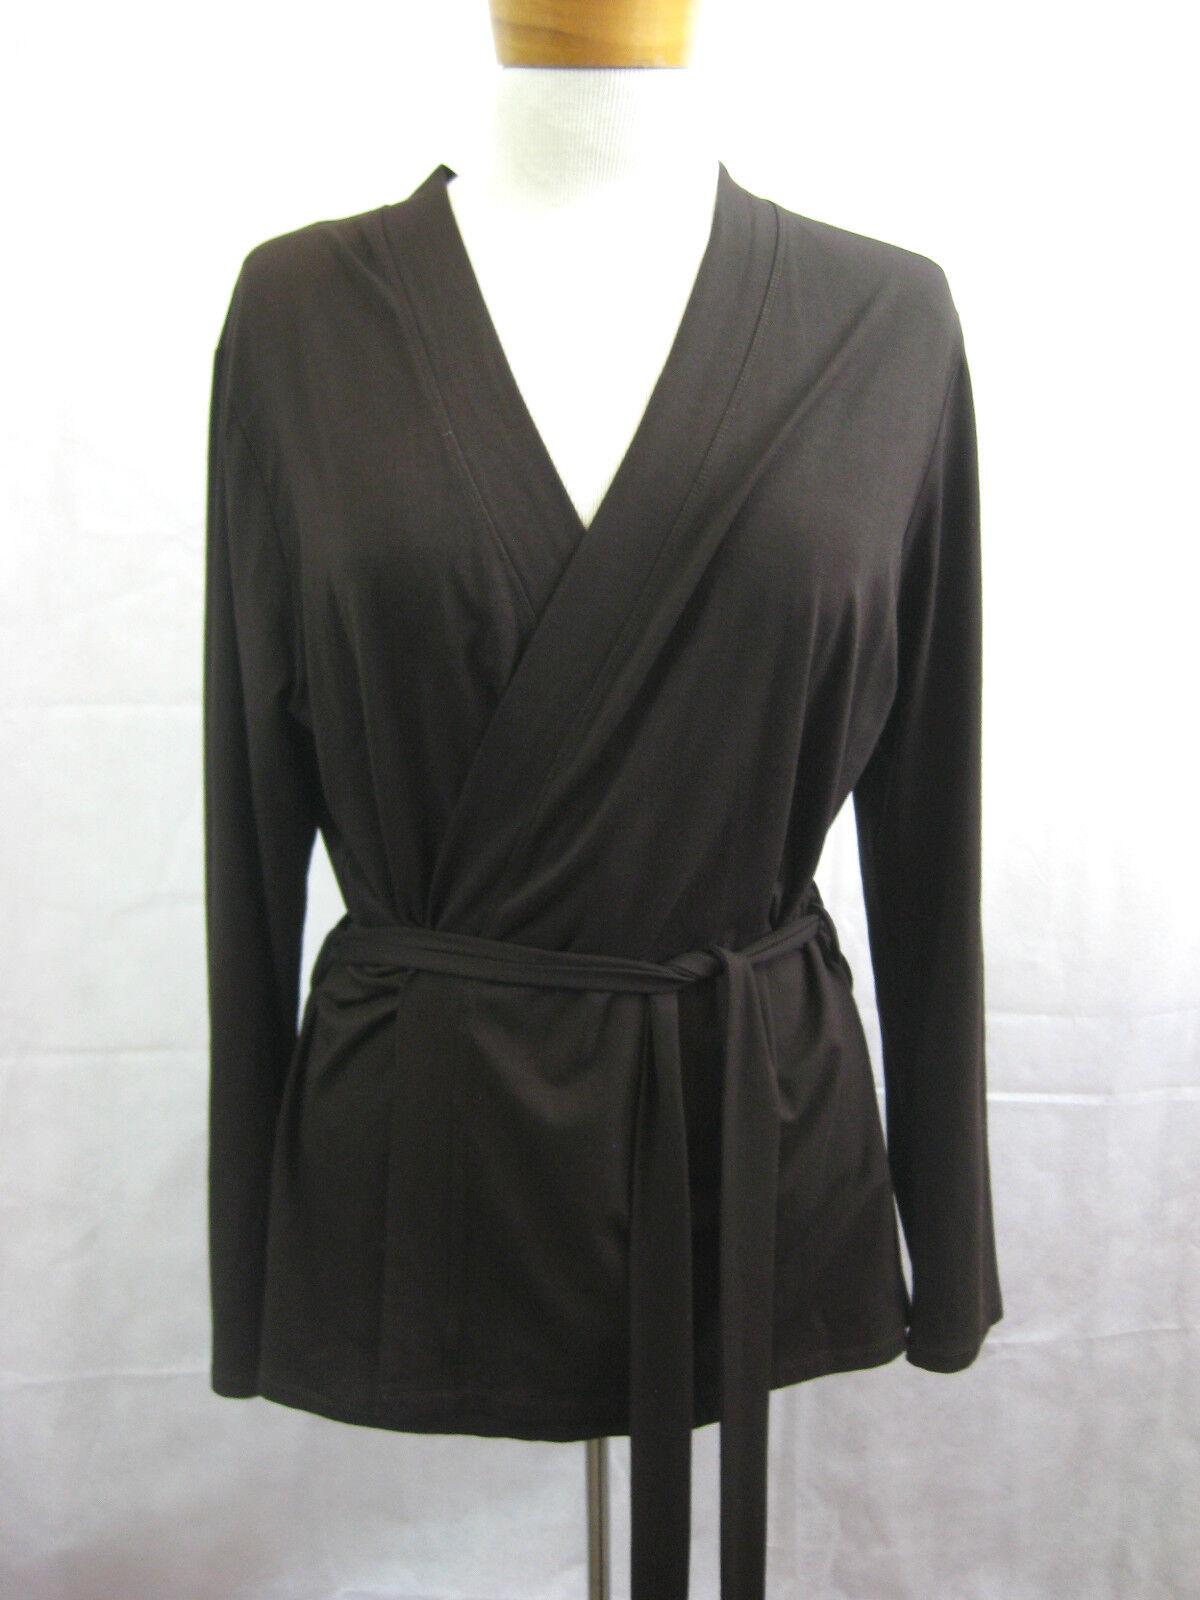 Mela Purdie Size 12 Casual Brown Skirt Suit